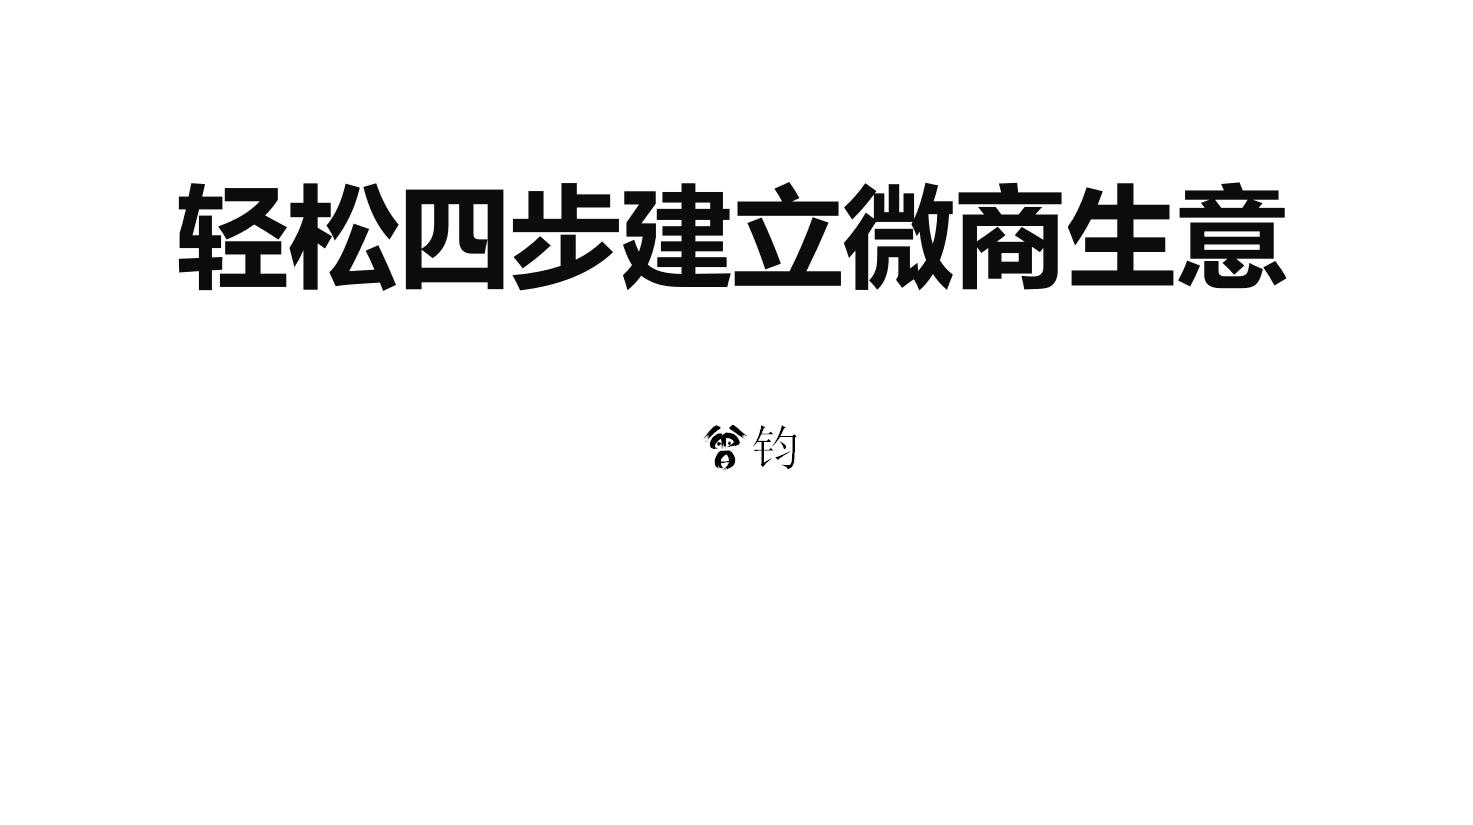 2018秋北京松松兄弟线下聚会干货分享 公司新闻 第3张